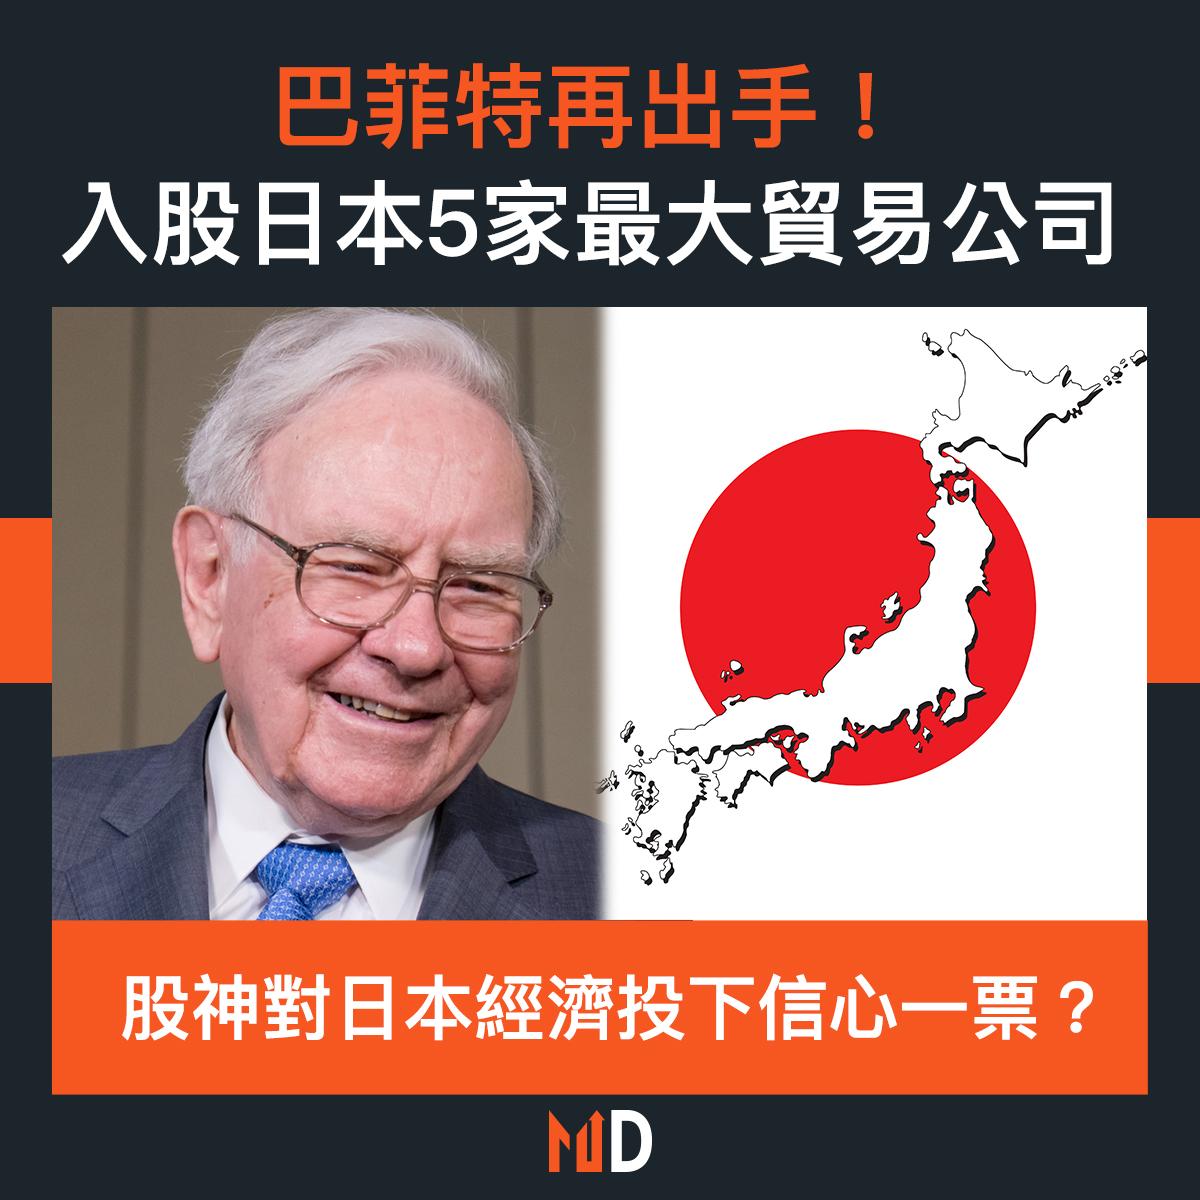 【市場熱話】巴菲特再出手!入股日本5家最大貿易公司